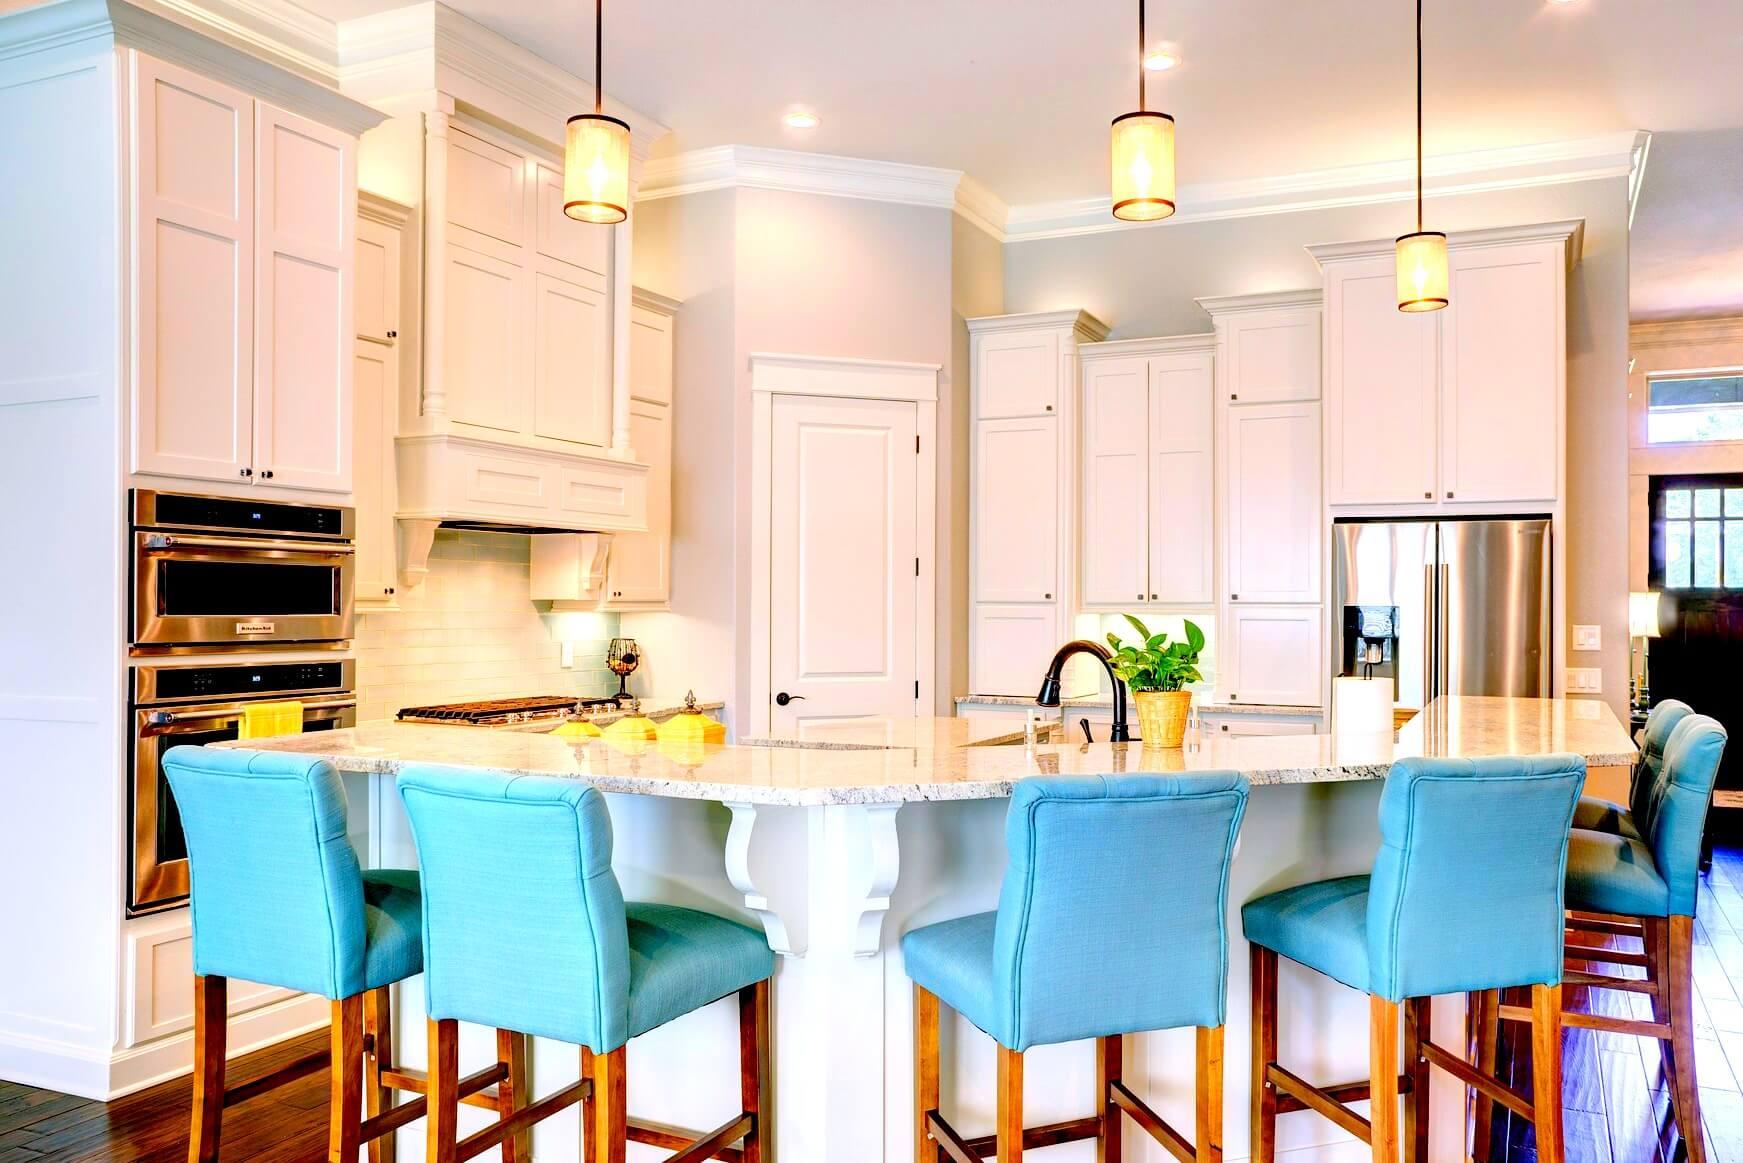 Rinnovare la cucina senza cambiarla: Guida Pratica